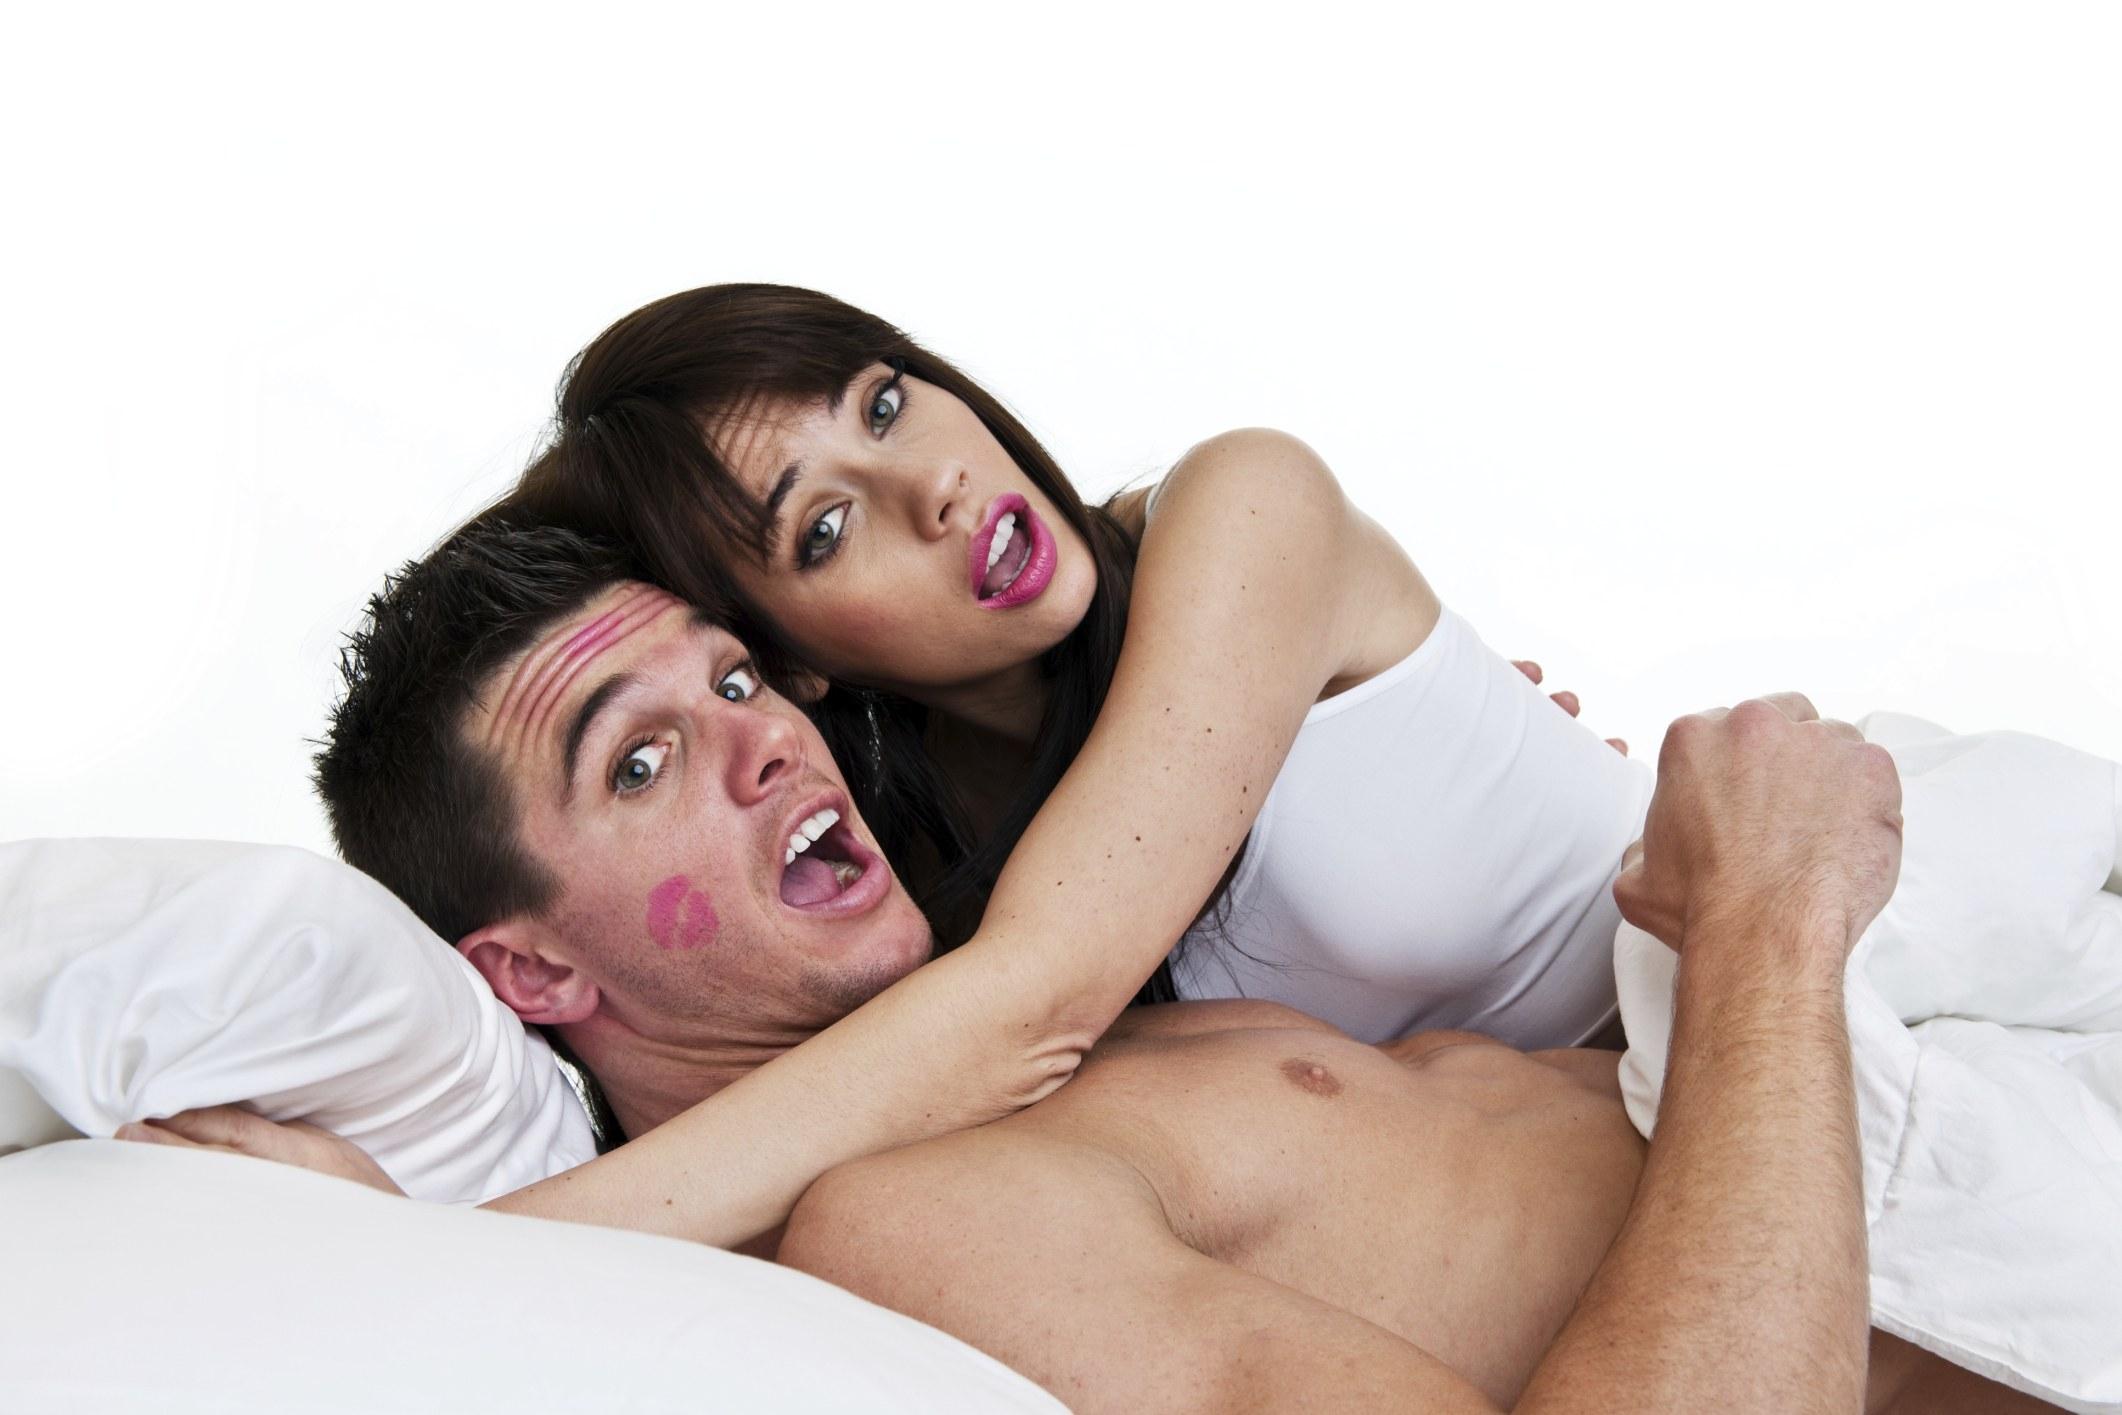 этом ебарь ххх с любовниками смотреть онлайн подобного человек